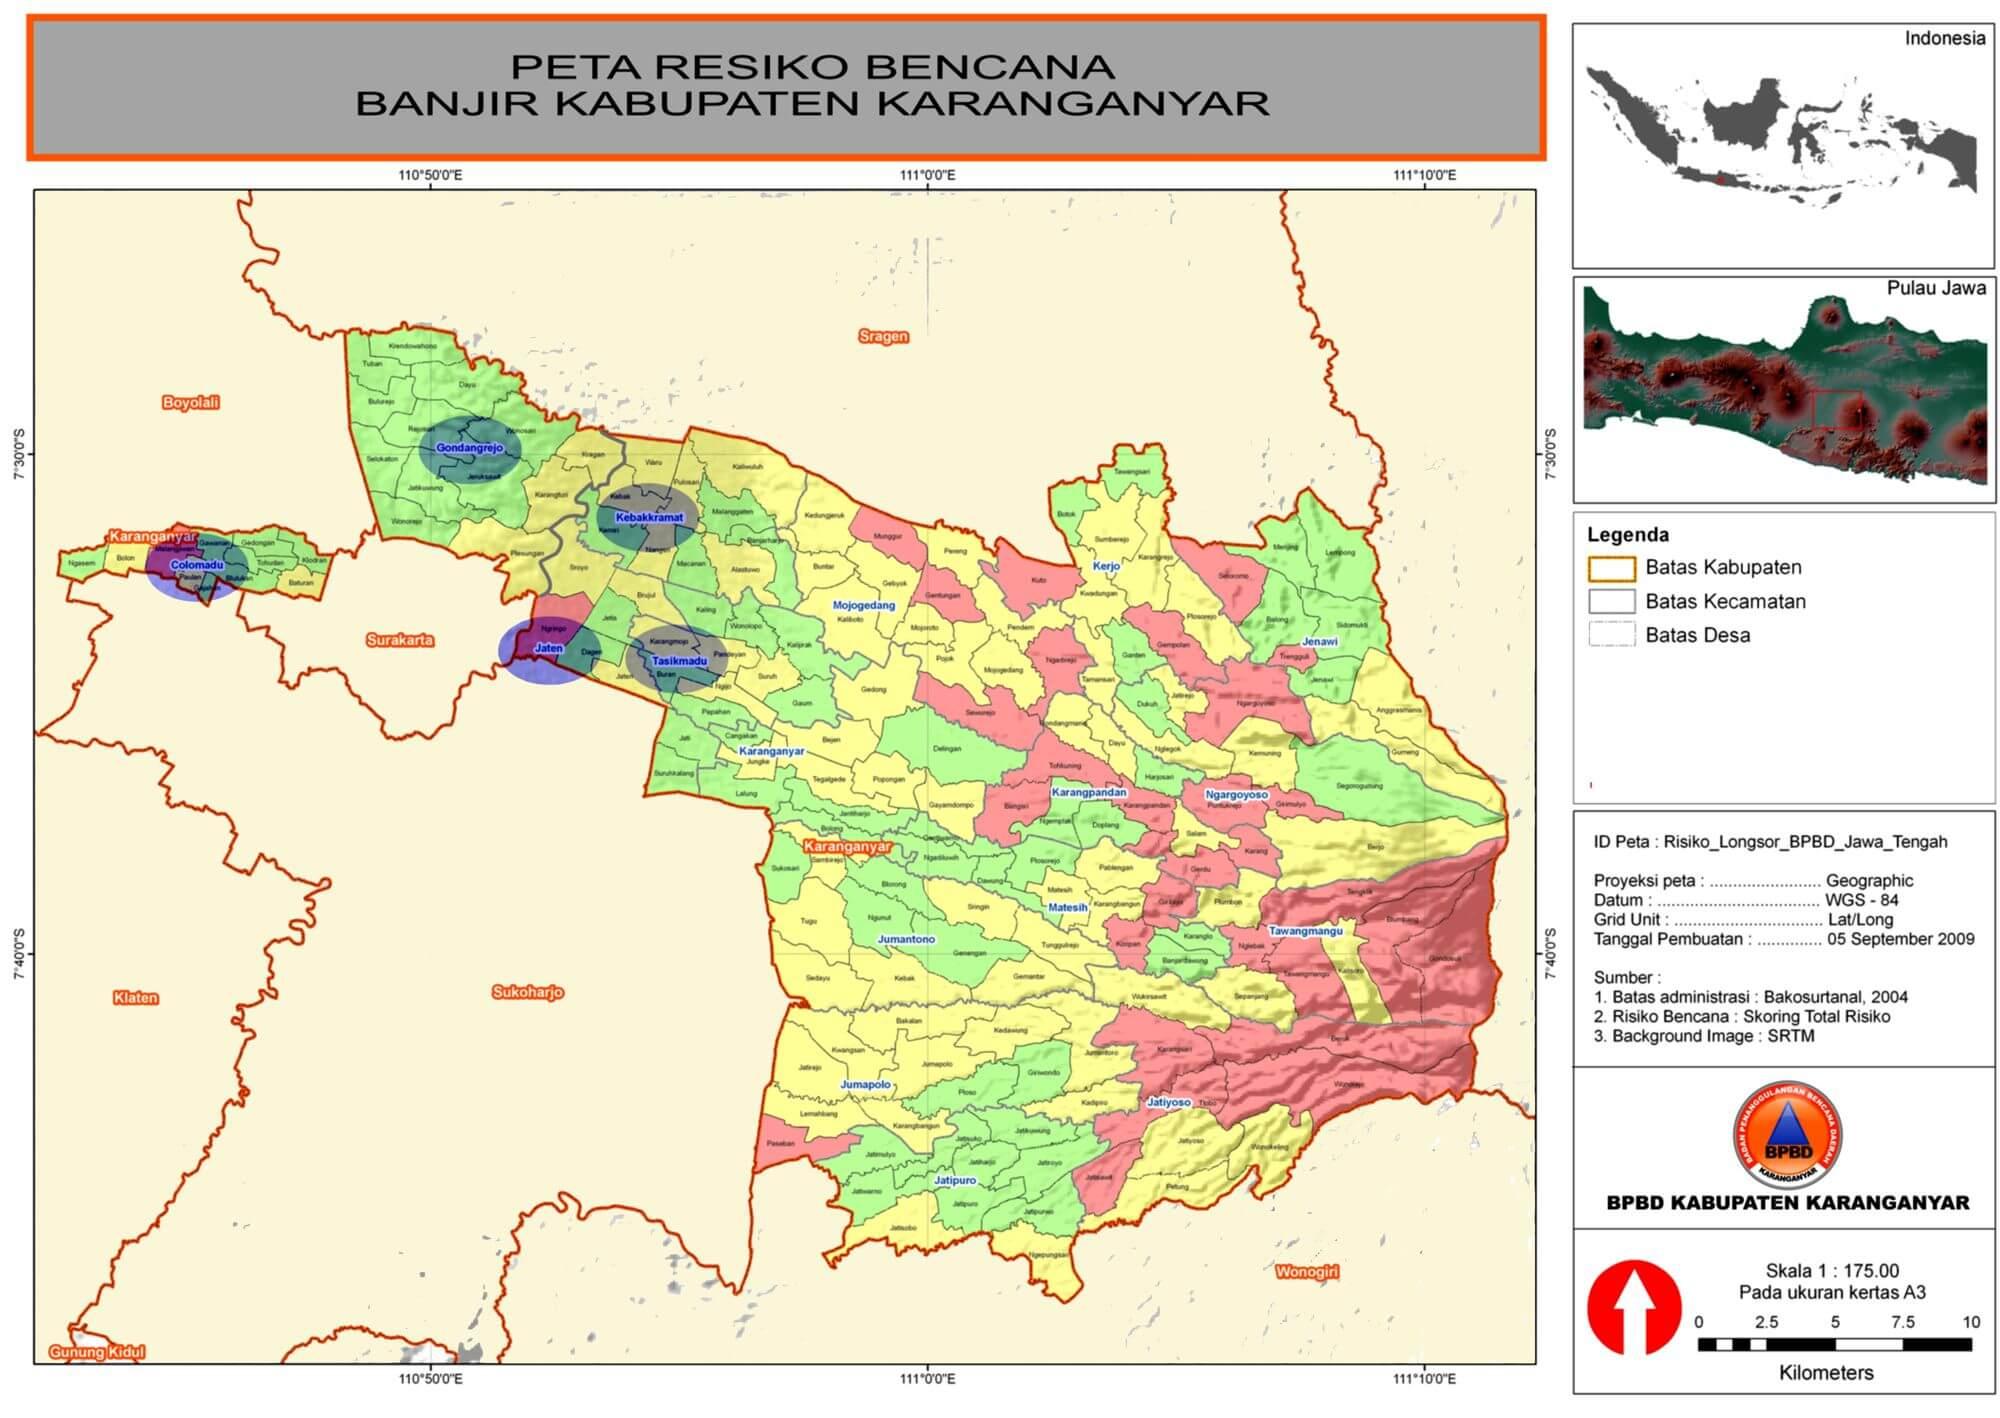 Peta Resiko Bencana Banjir